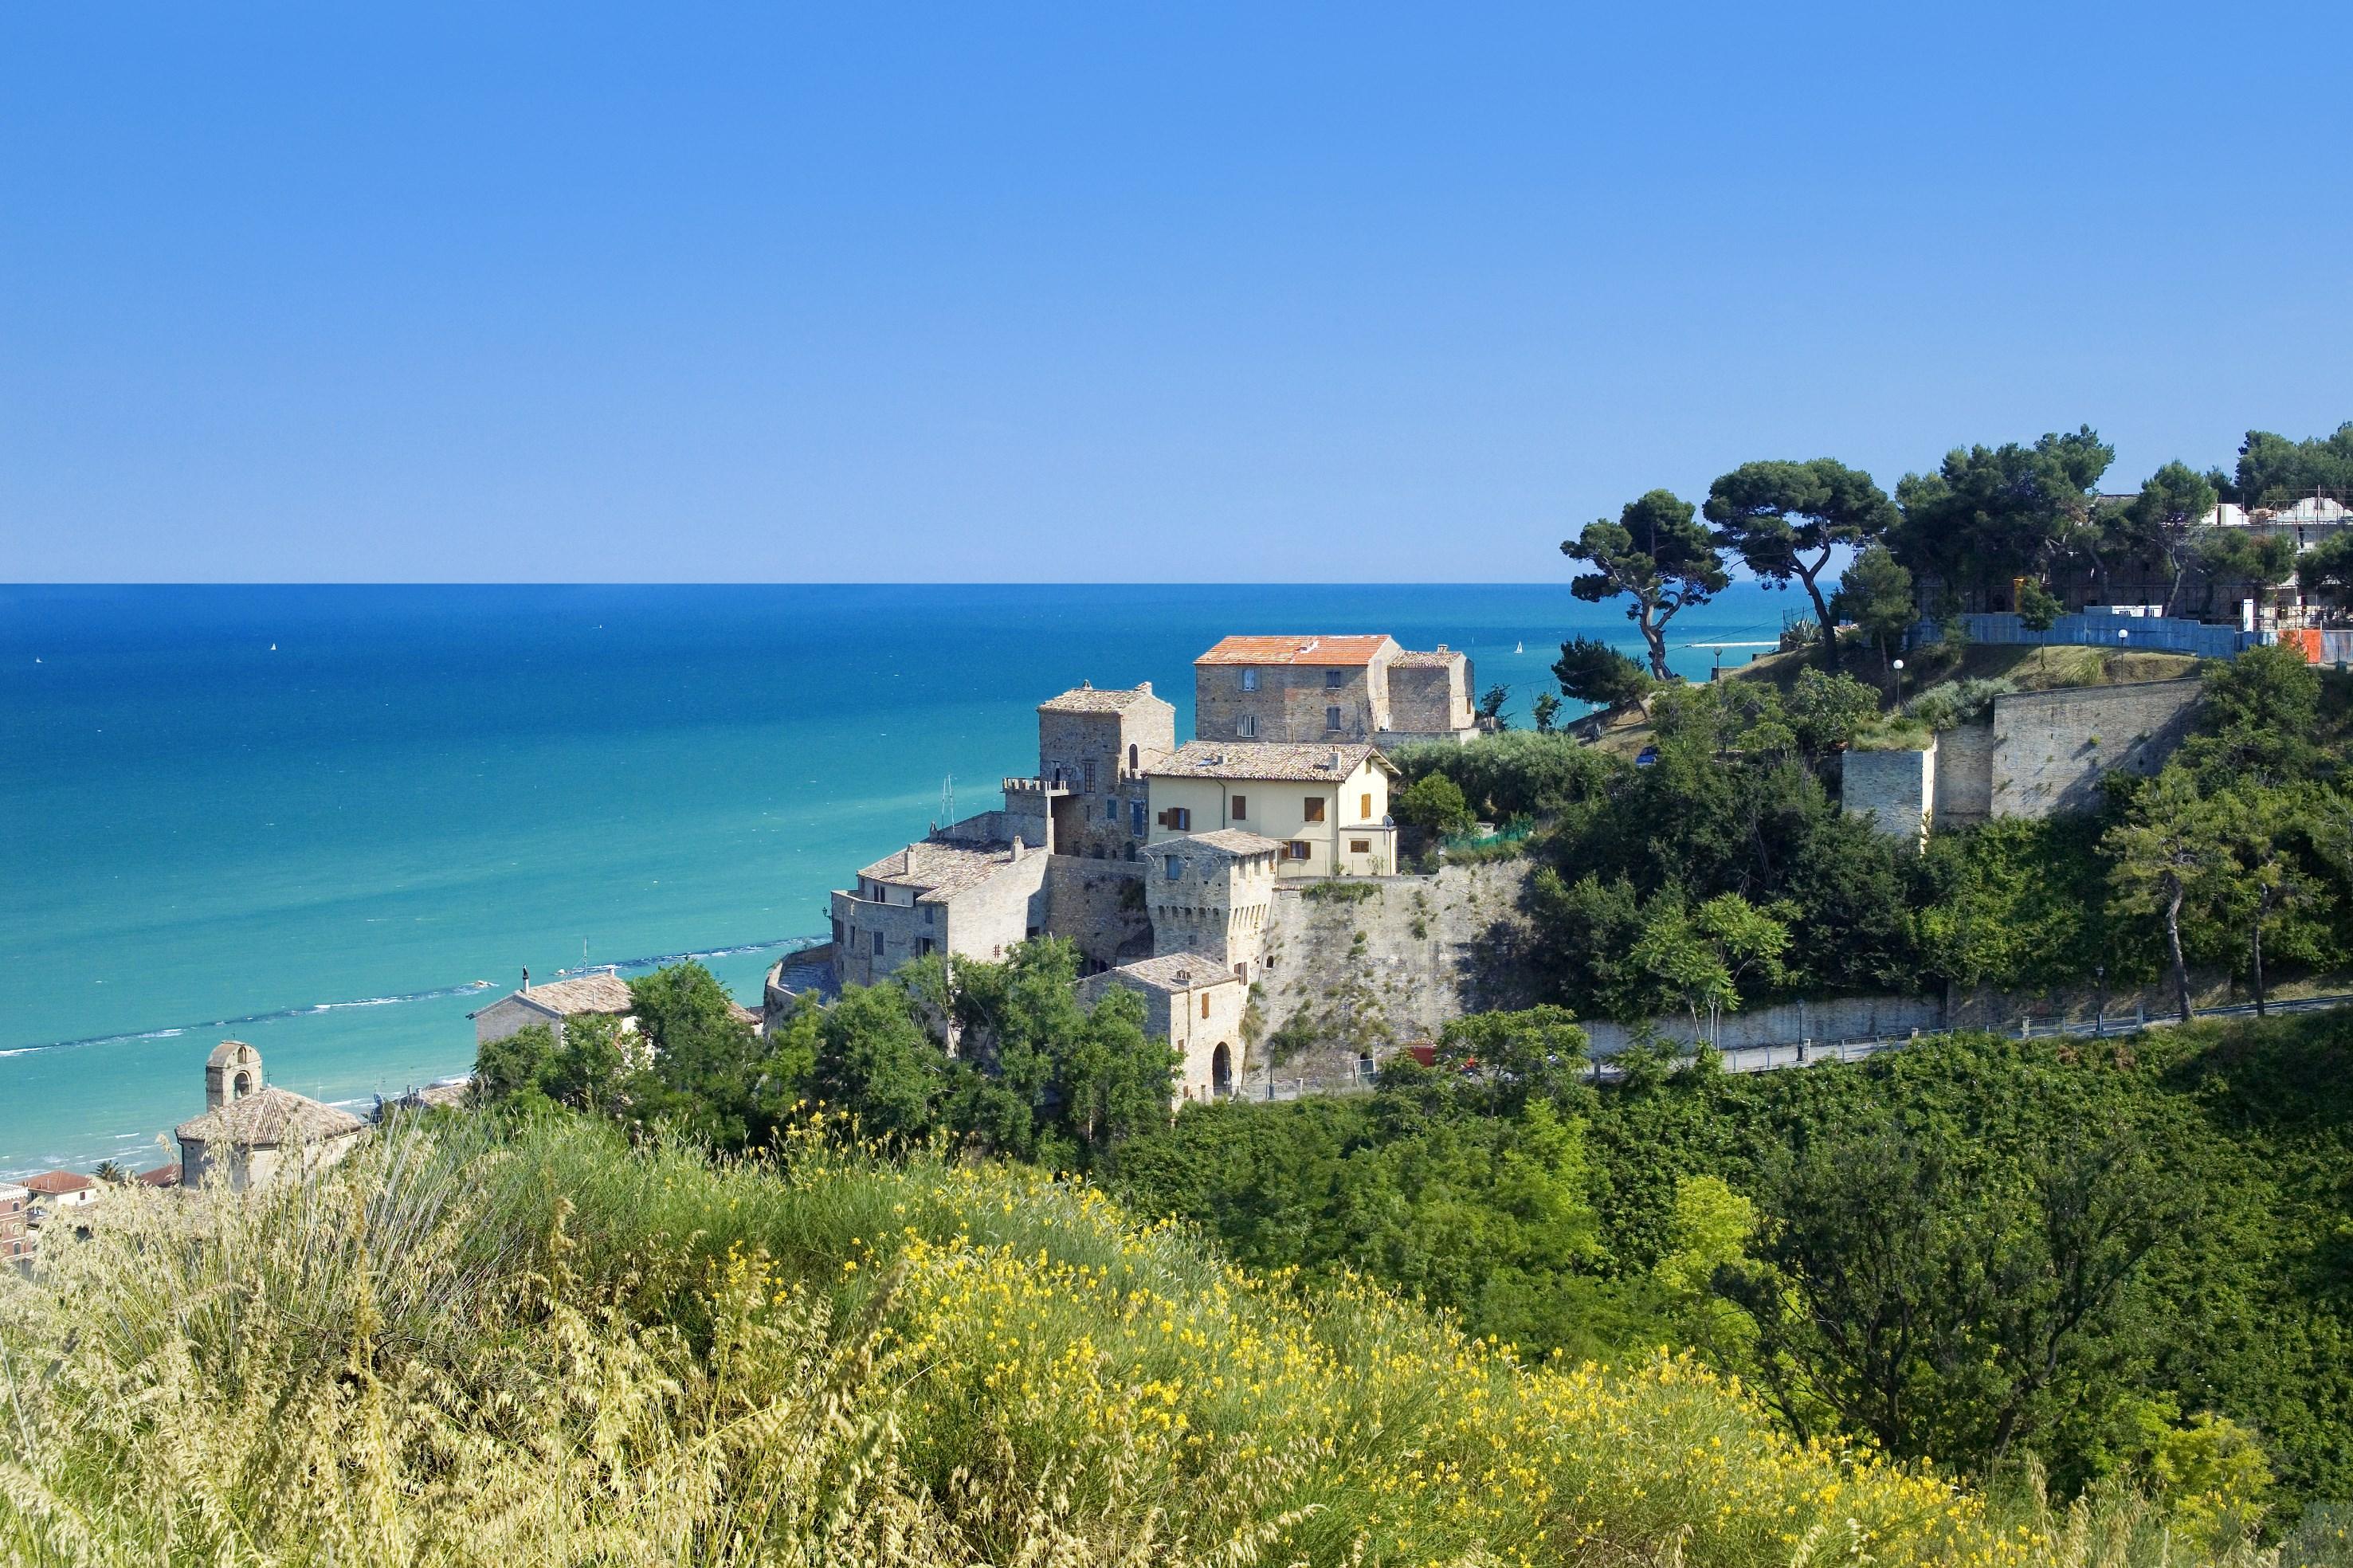 Scopri il percorso cicloturistico I Paesi Alti sul mare delle Marche